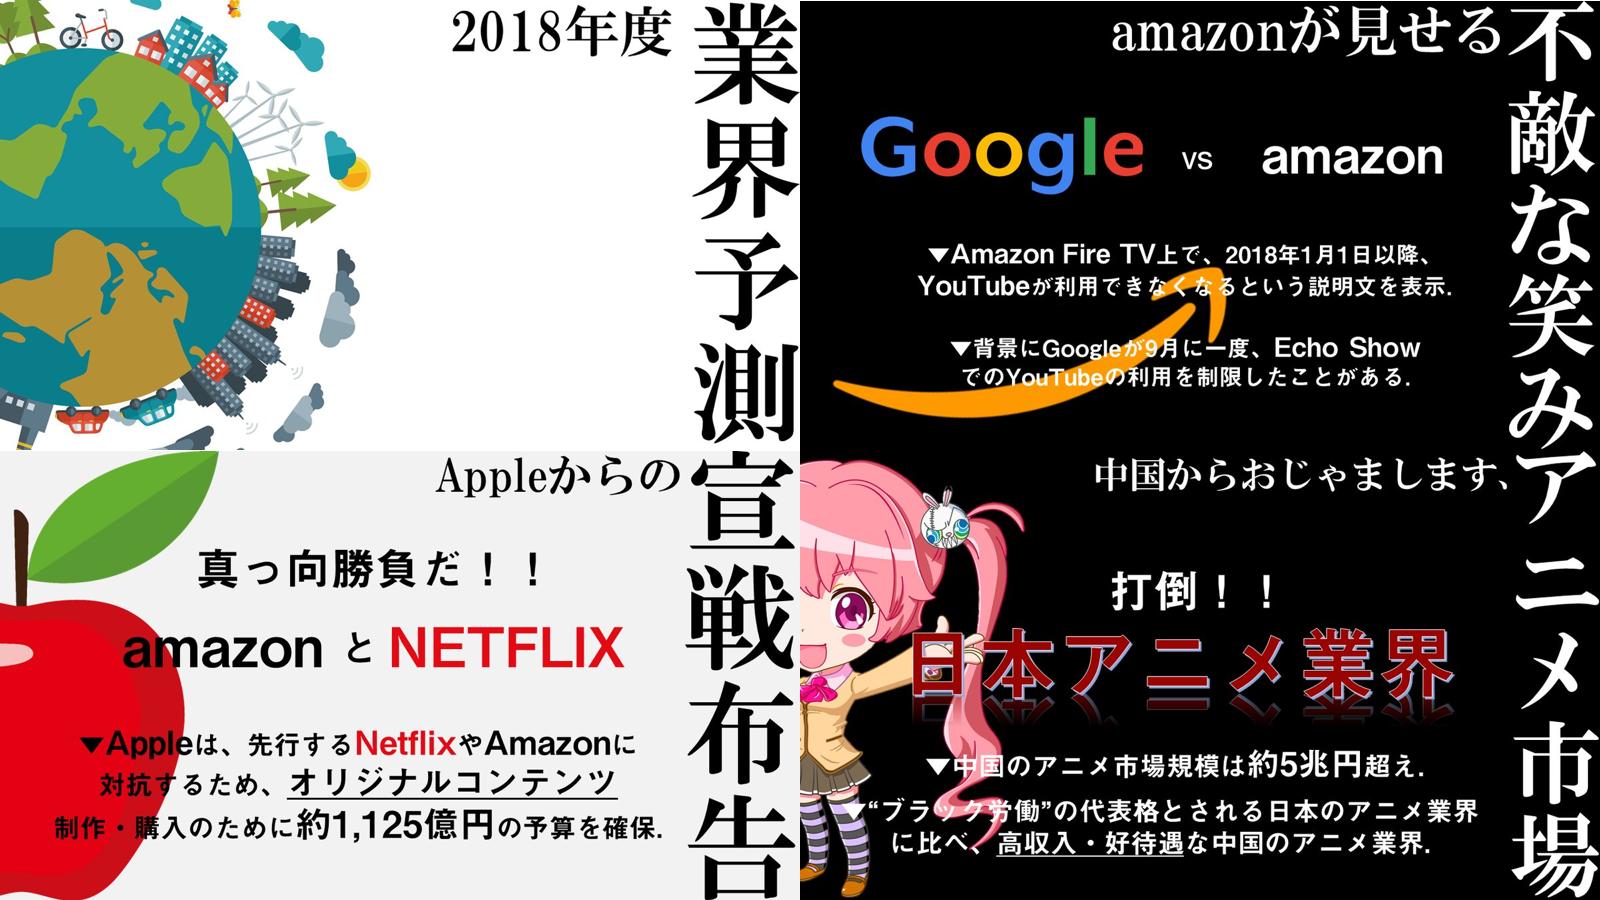 e8fe5cd3bbefc390a3ac9a1296a8e42b - 2018年のコンテンツ業界は...?